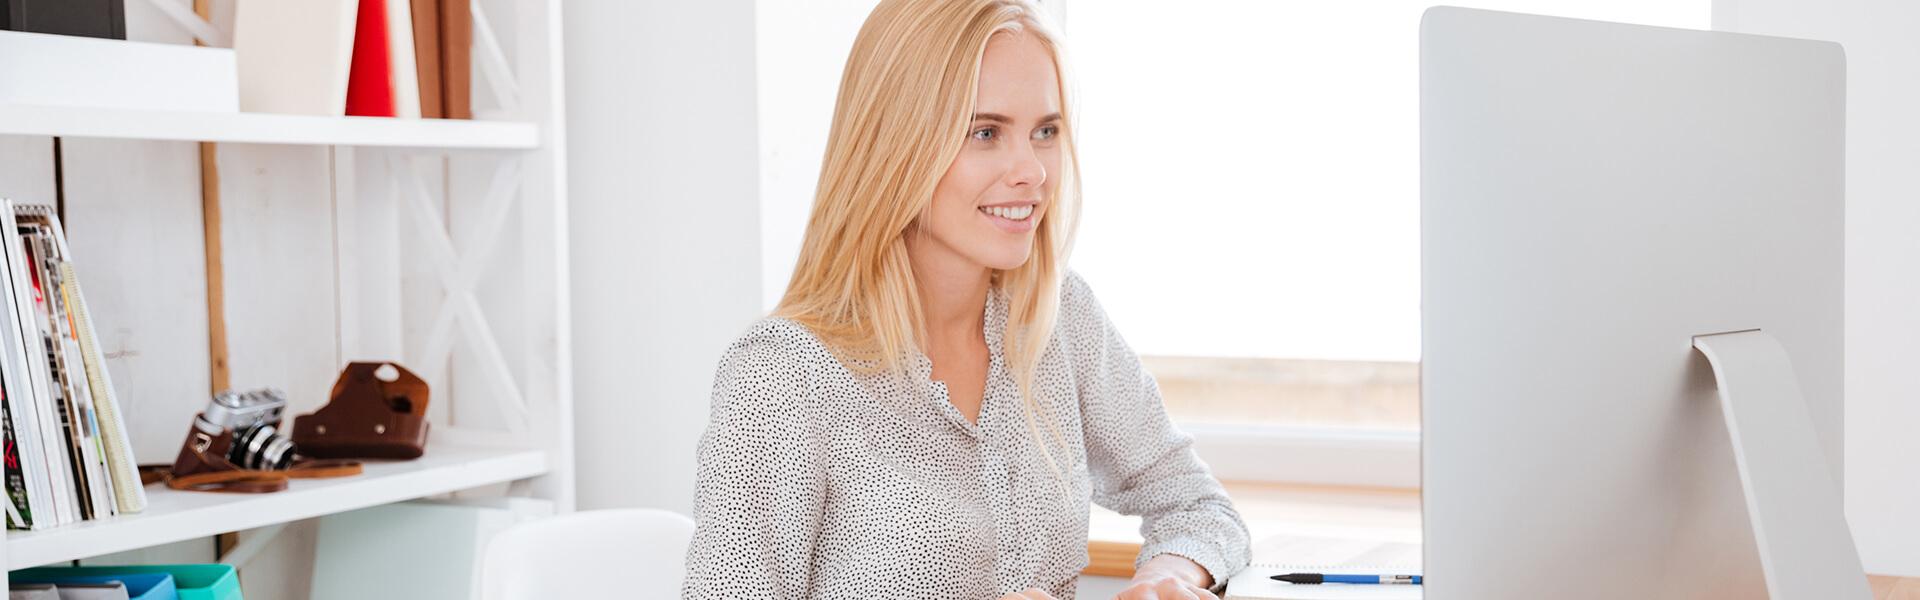 Mulher no computador do escritório a criar uma loja online